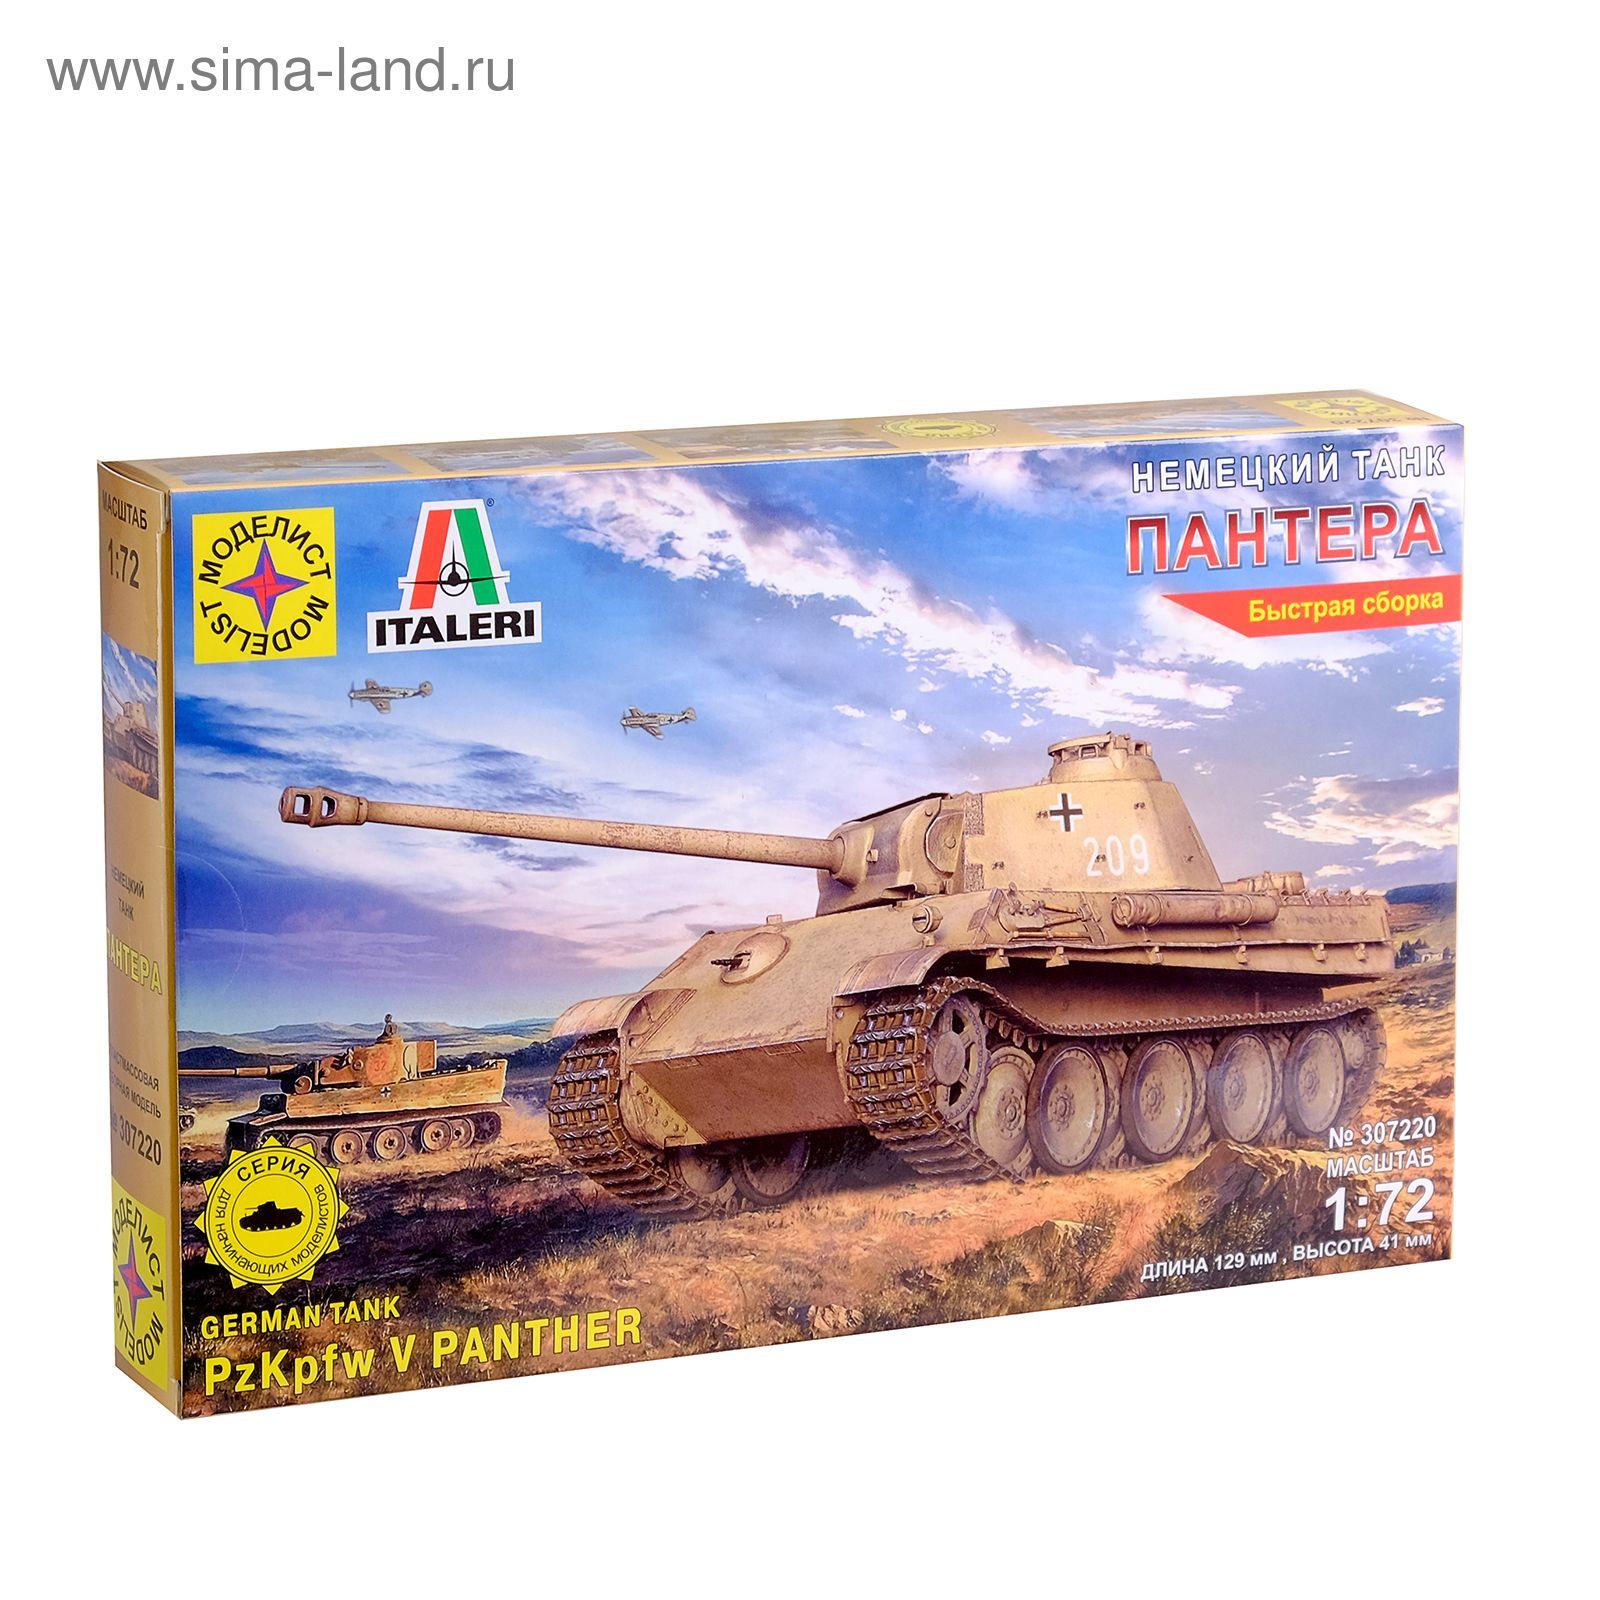 Сборная модель Немецкий танк Пантера  (1:72)